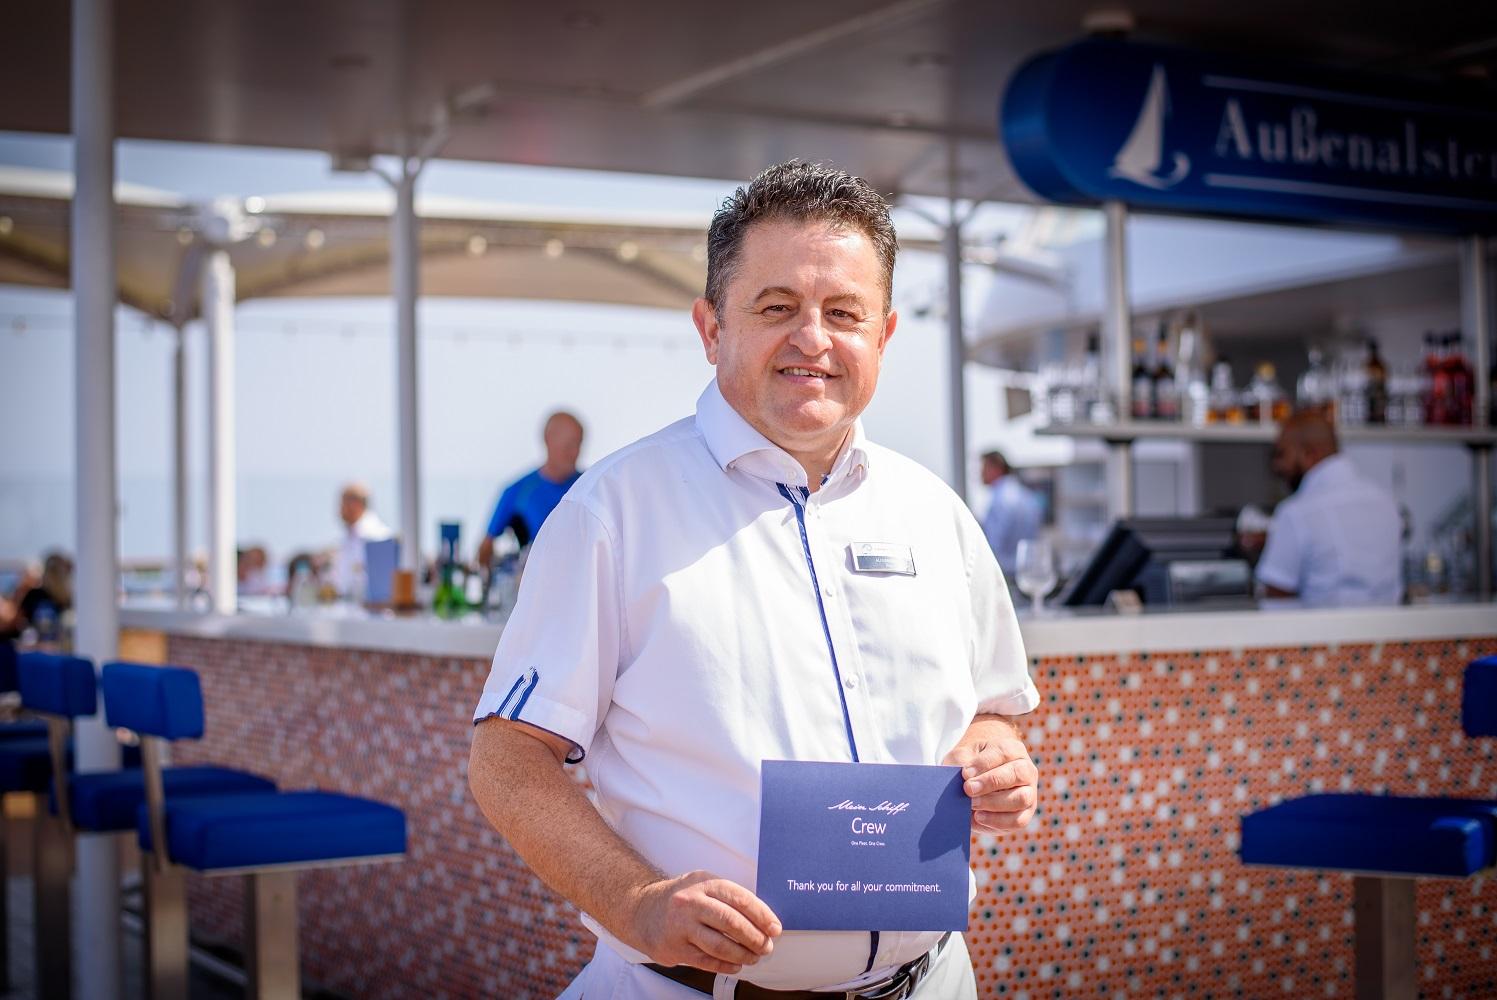 Mein Schiff Urlaubsheld im August 2018: Bar Steward Ali Koroglu